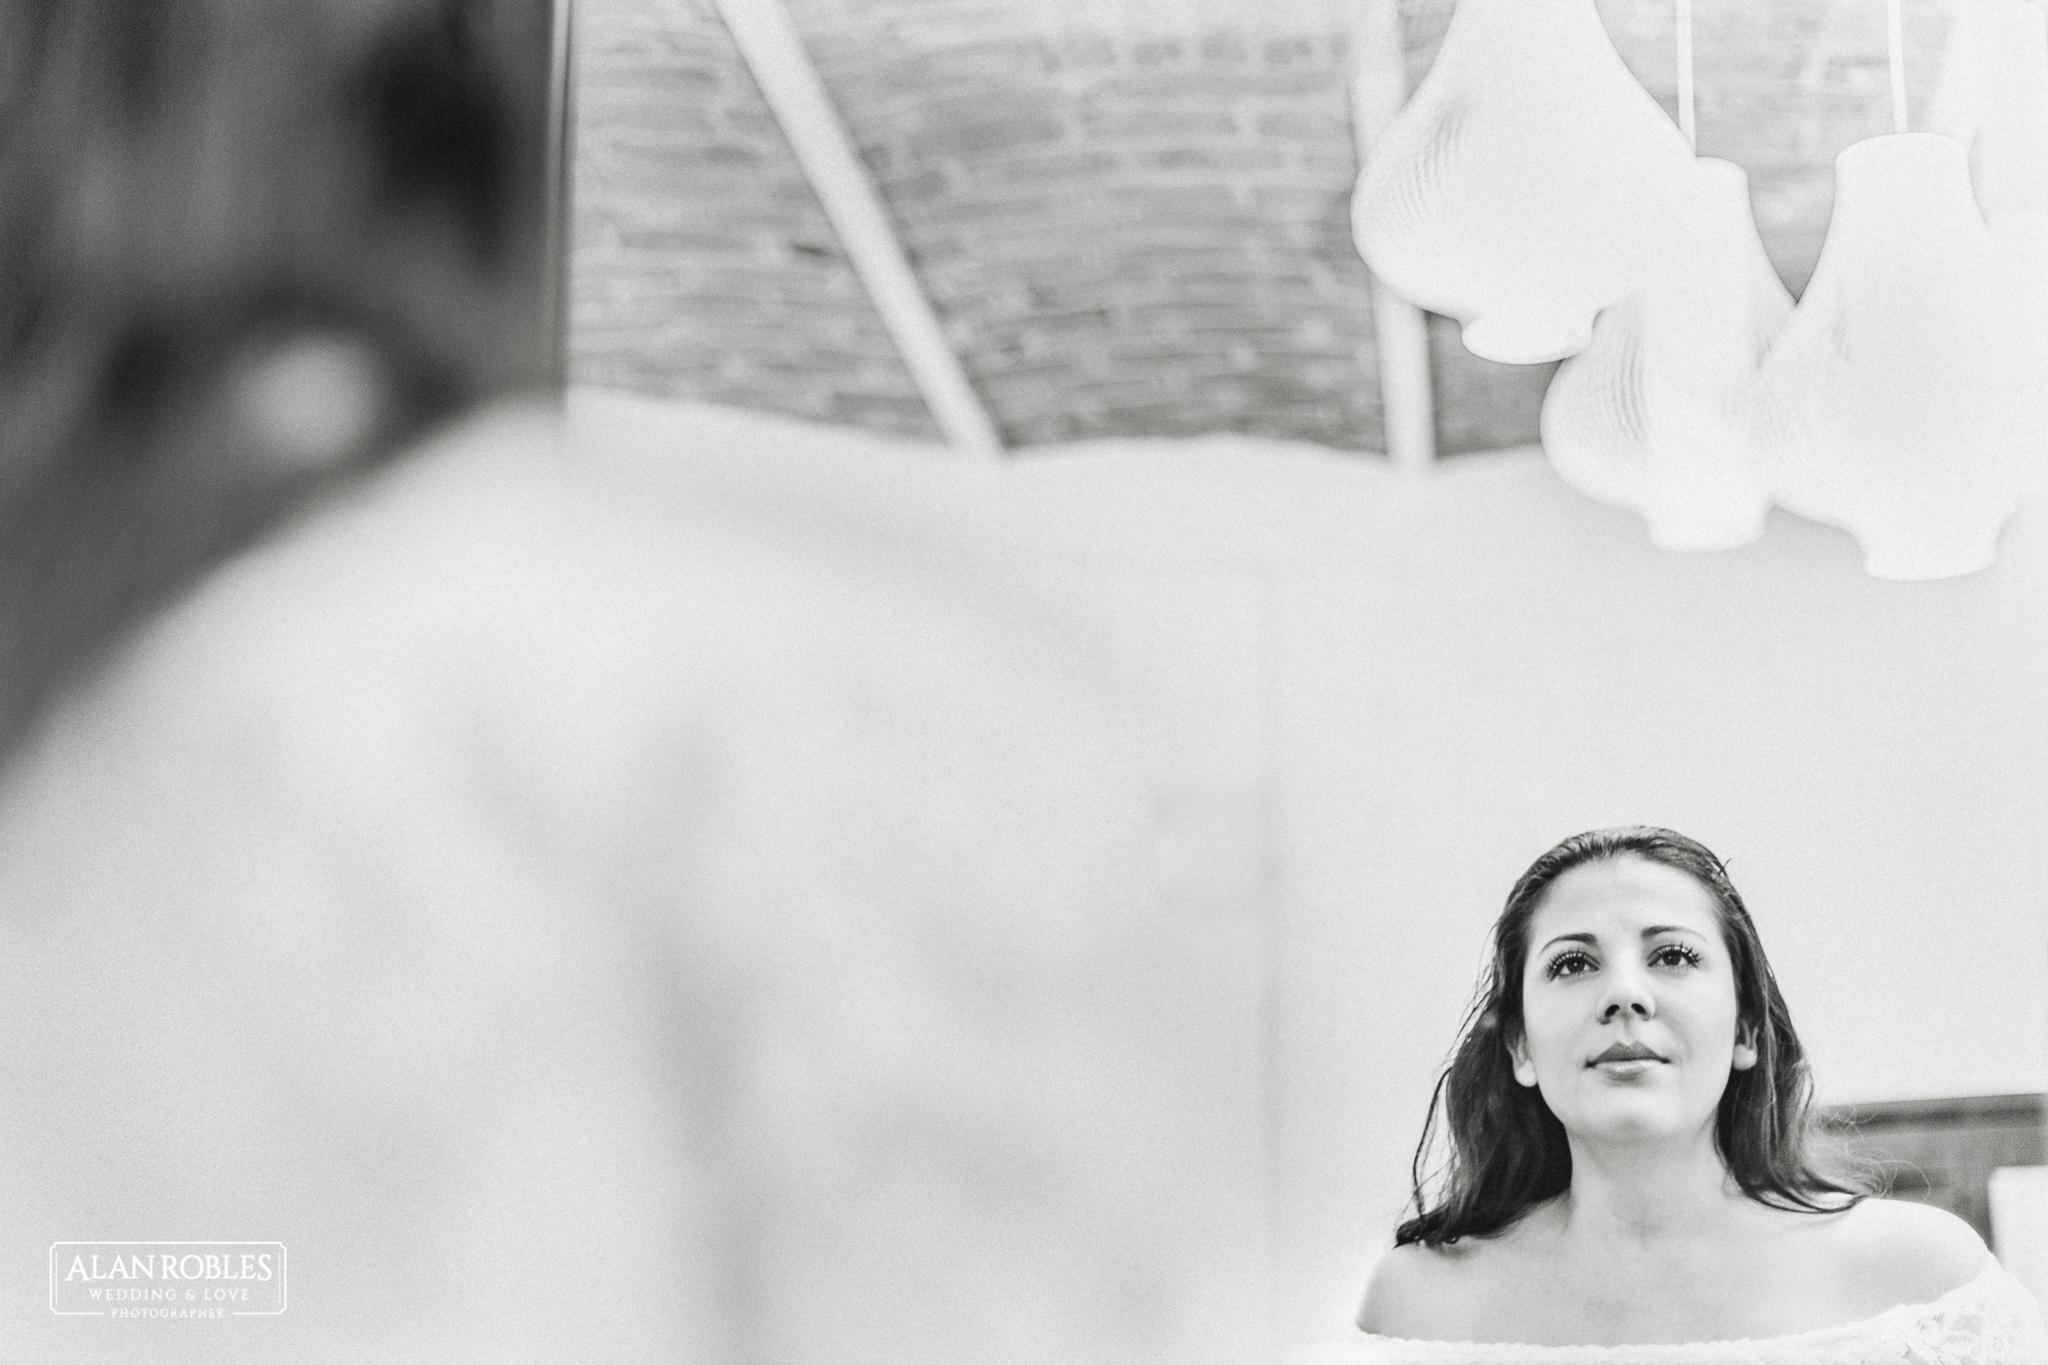 Getting Ready de la novia, fotografia de bodas en Blanco y Negro. Alan Robles, fotografo de Bodas en Guadalajara.